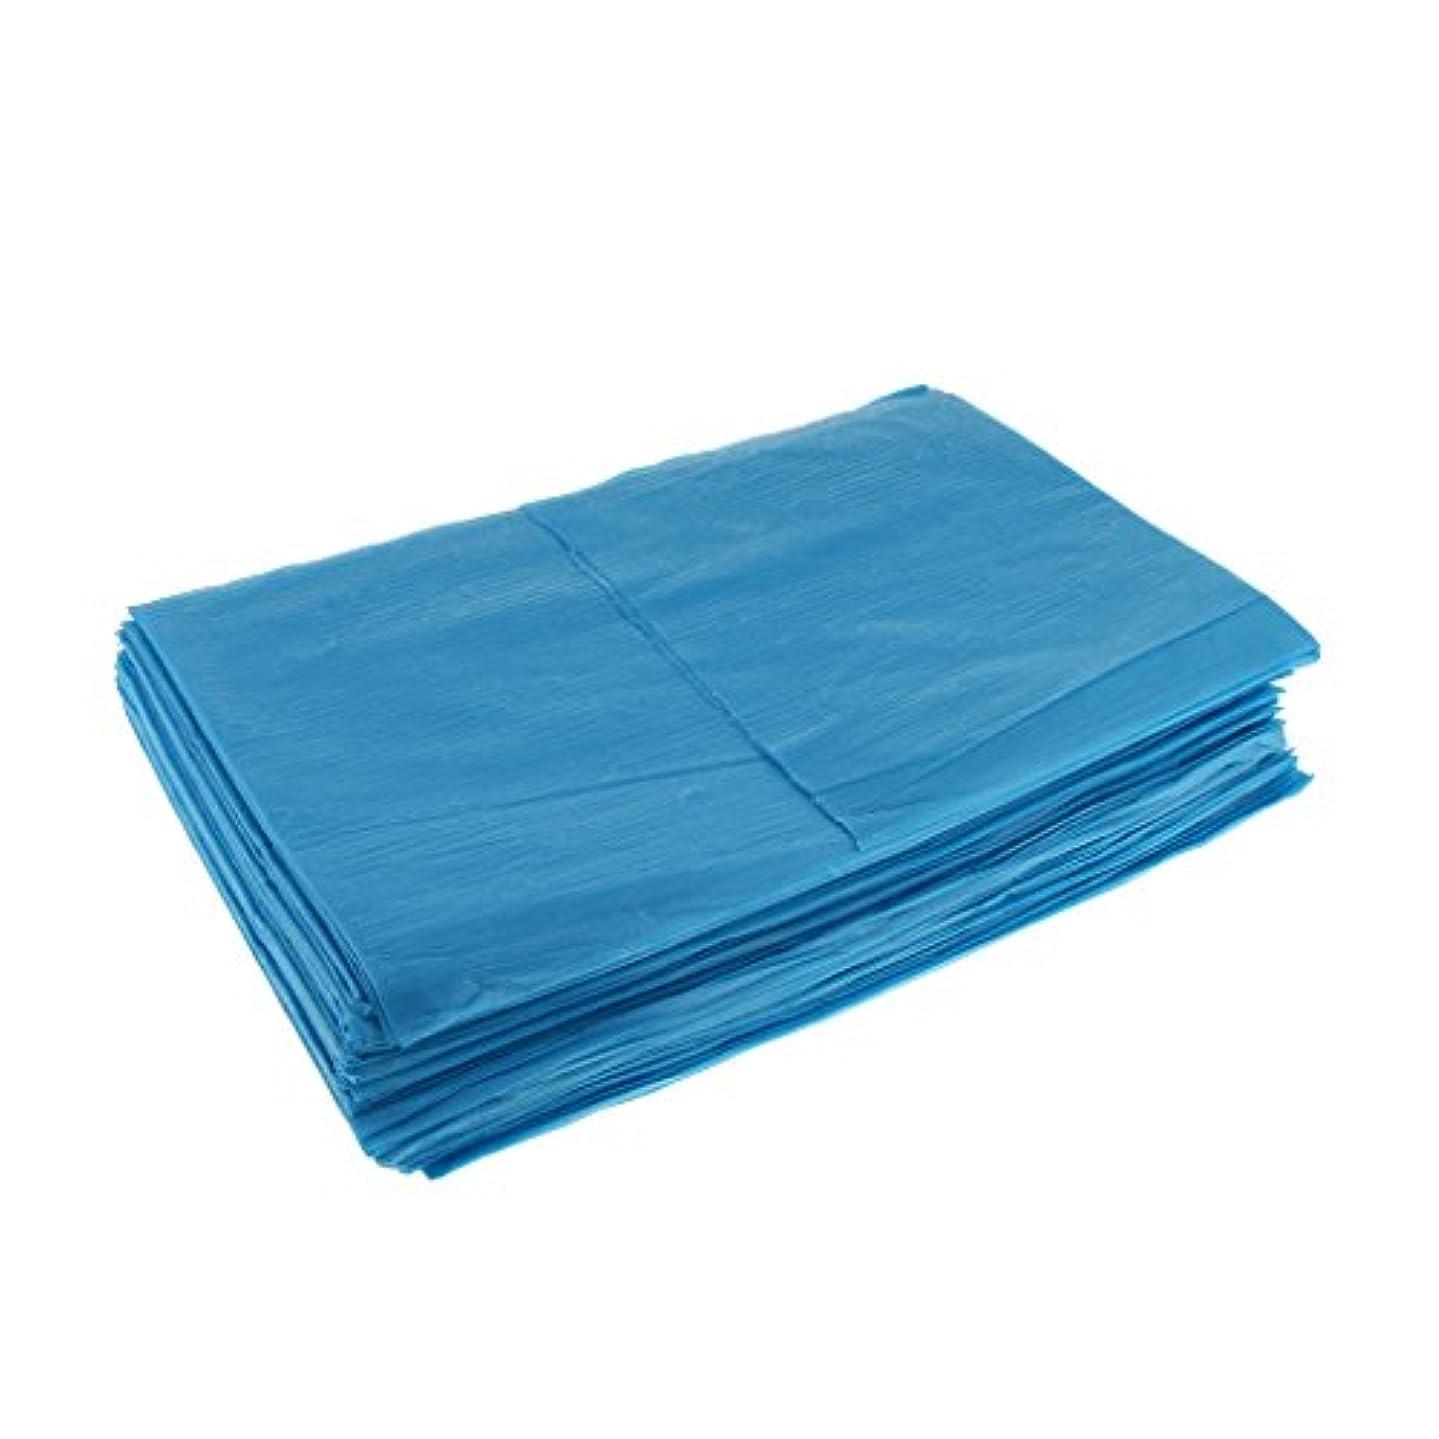 ナチュラメイエラ単にKesoto 10枚 使い捨てベッドシーツ 使い捨て 美容 マッサージ サロン ホテル ベッドパッド カバー シート 2色選べ - 青